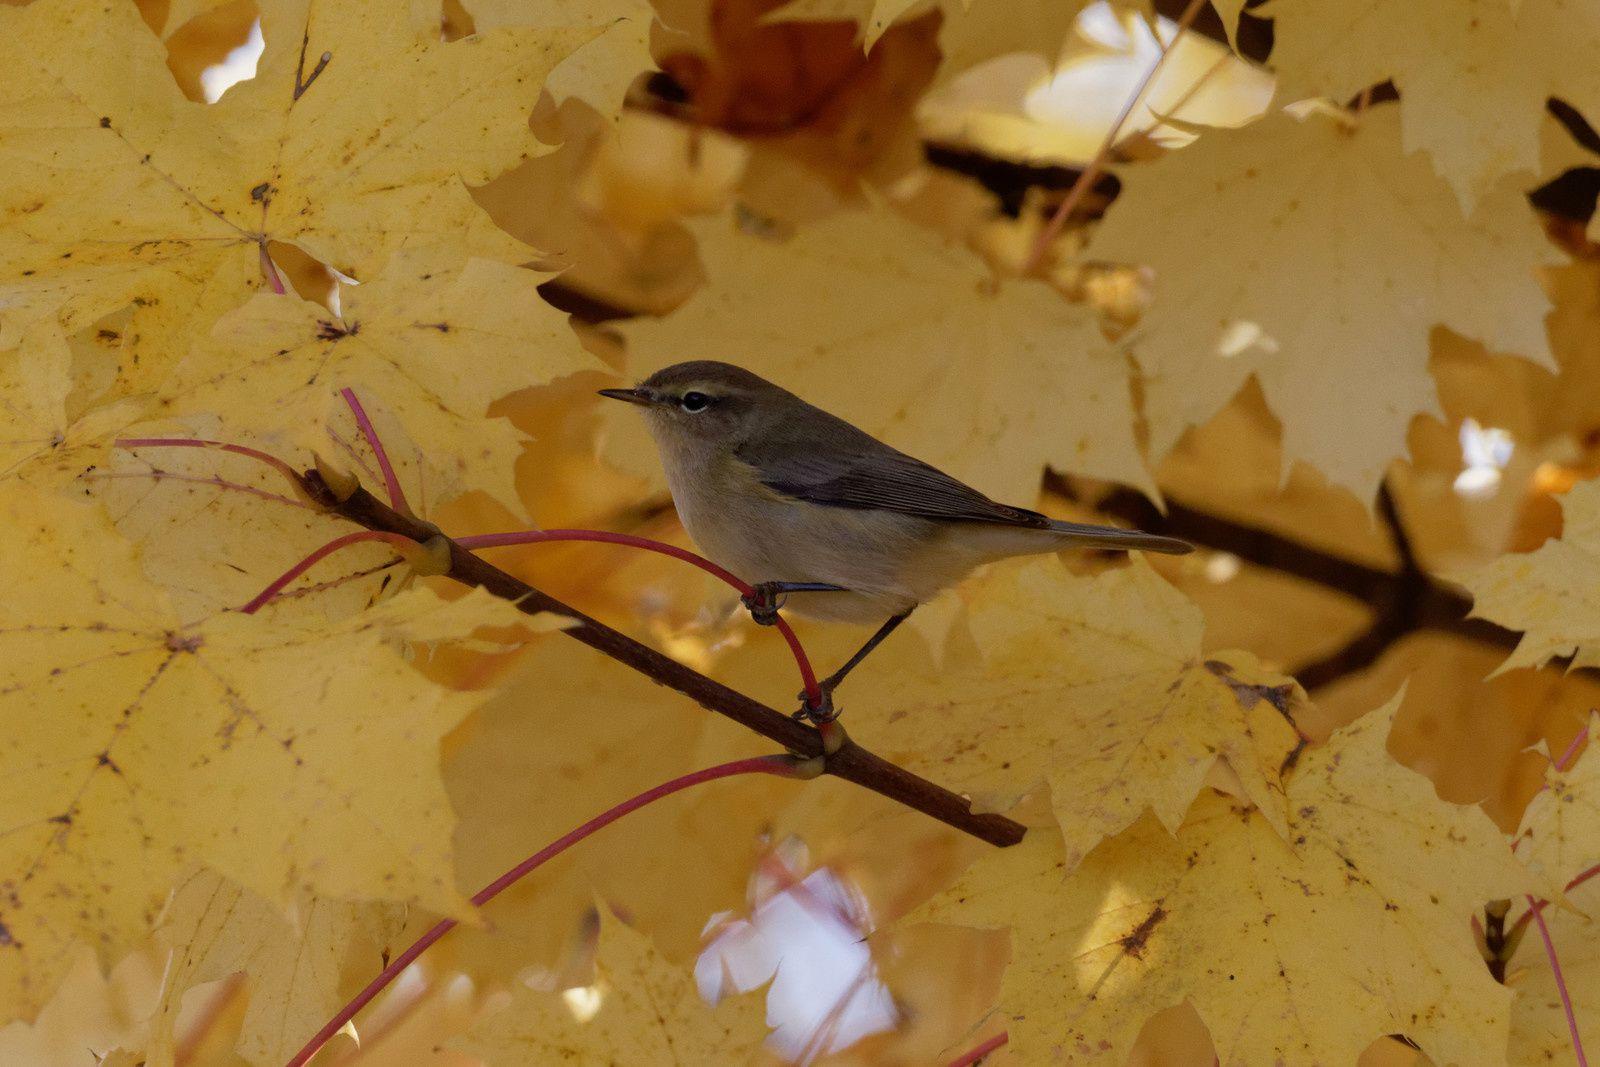 213 - Beaux et jeunes, les passereaux se laissent photographier : 31/10/2015